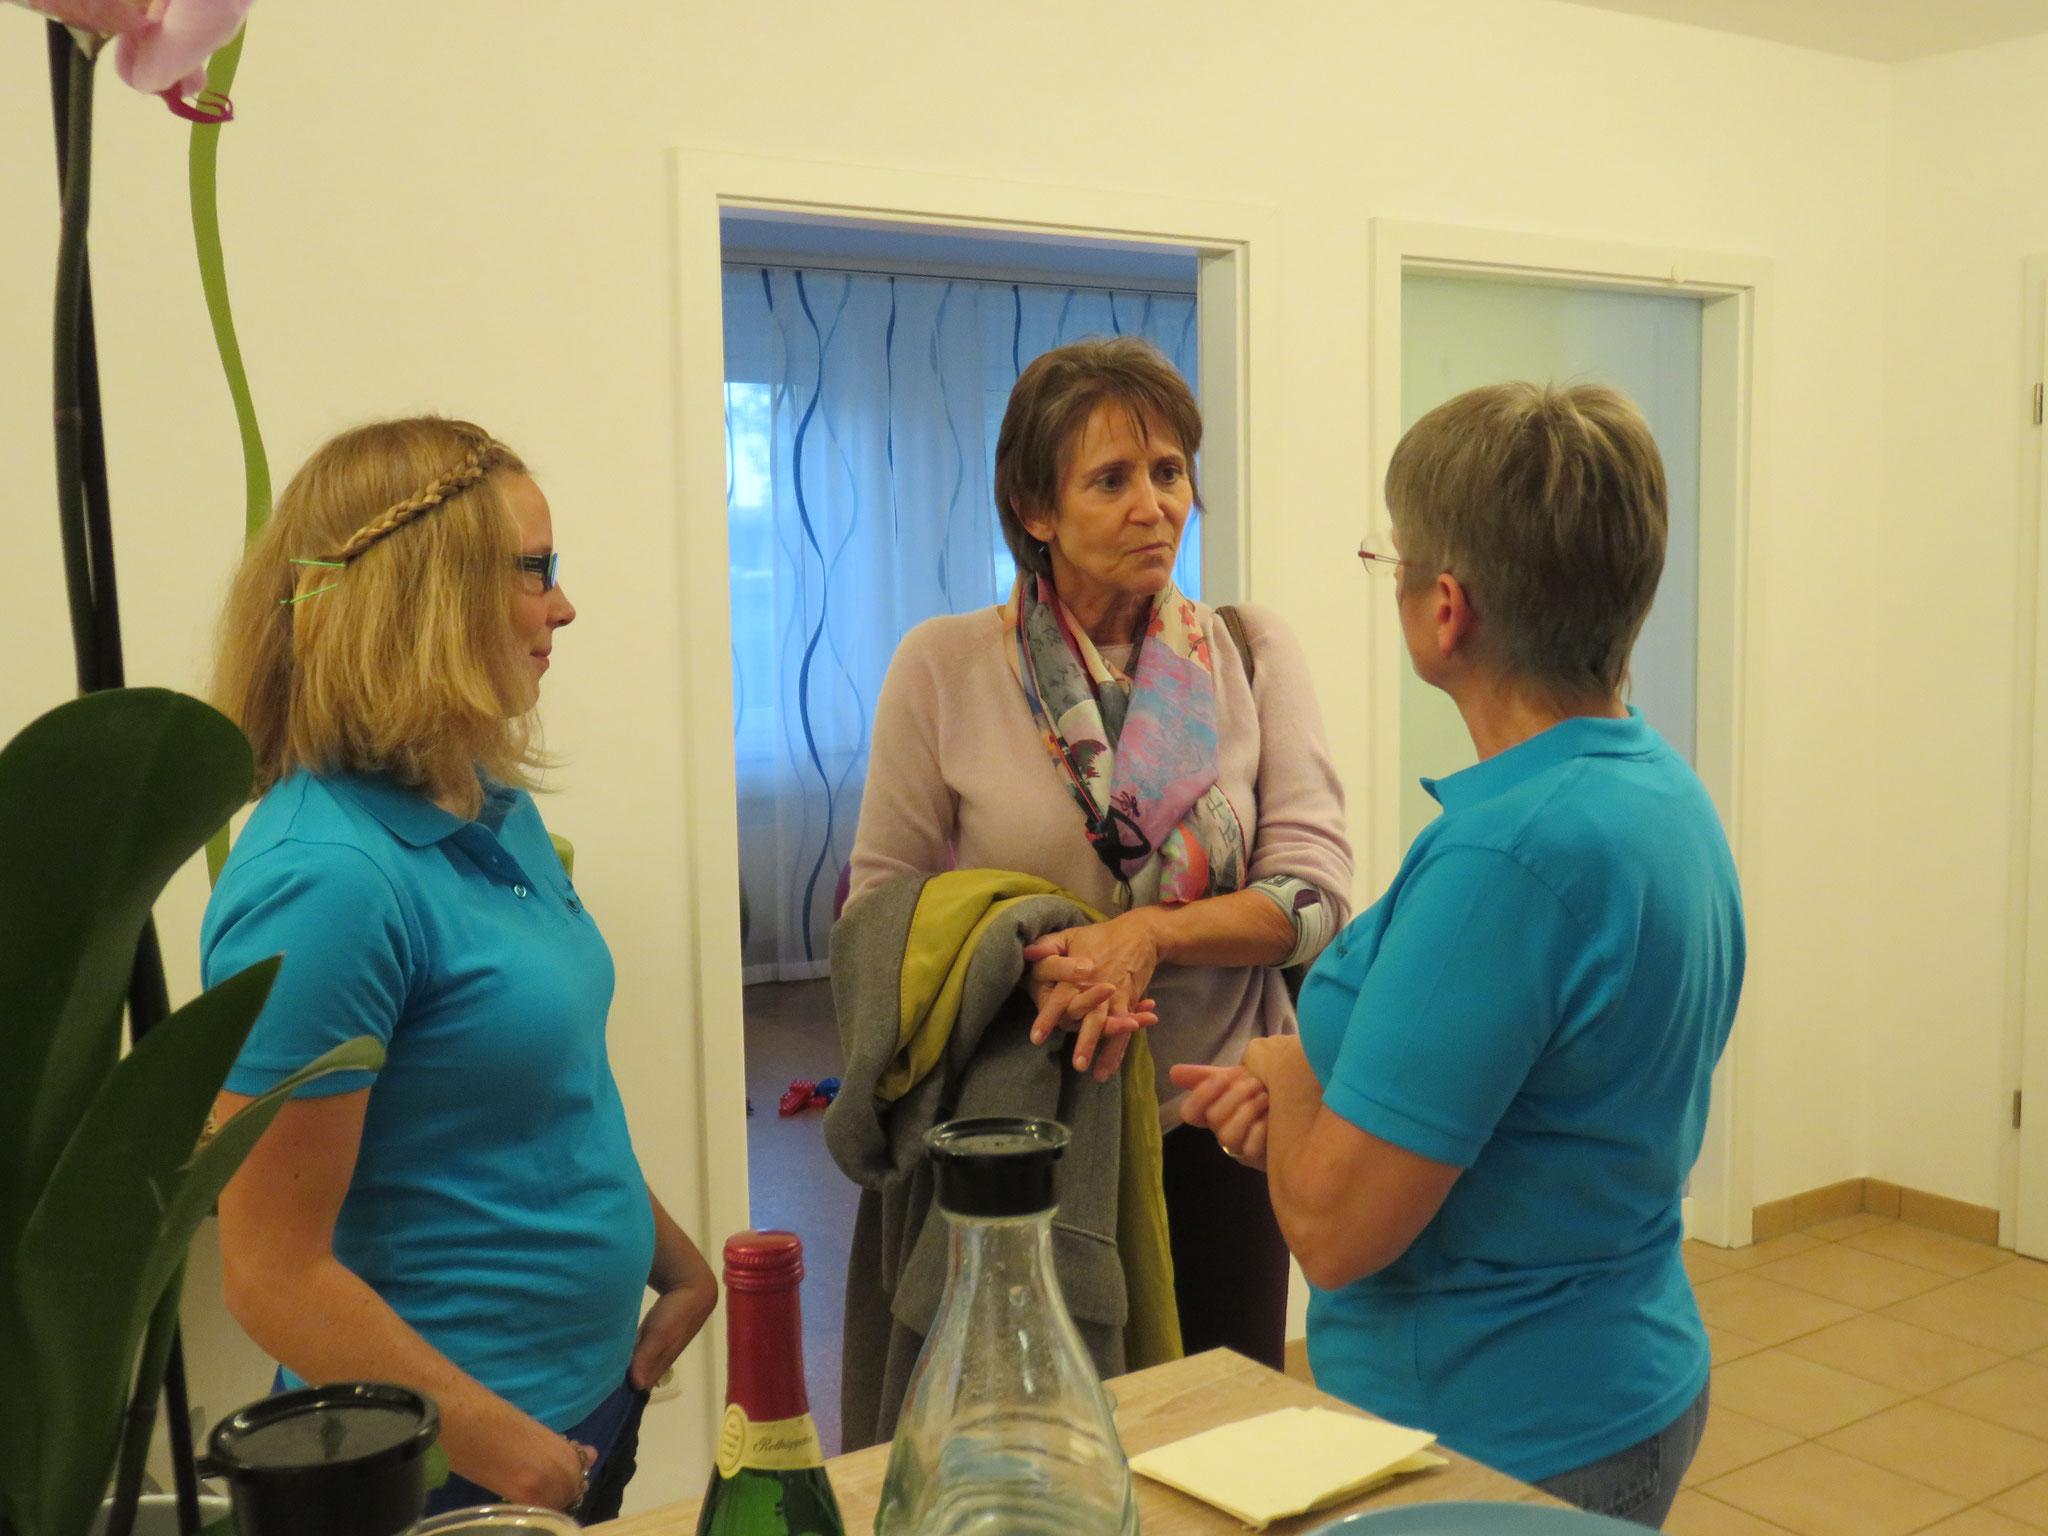 Glückwünsche auch von Frau Prof. Dr. Cornelia Höß, Chefärztin der Gynäkologieabteilung in der Kreisklinik Ebersberg